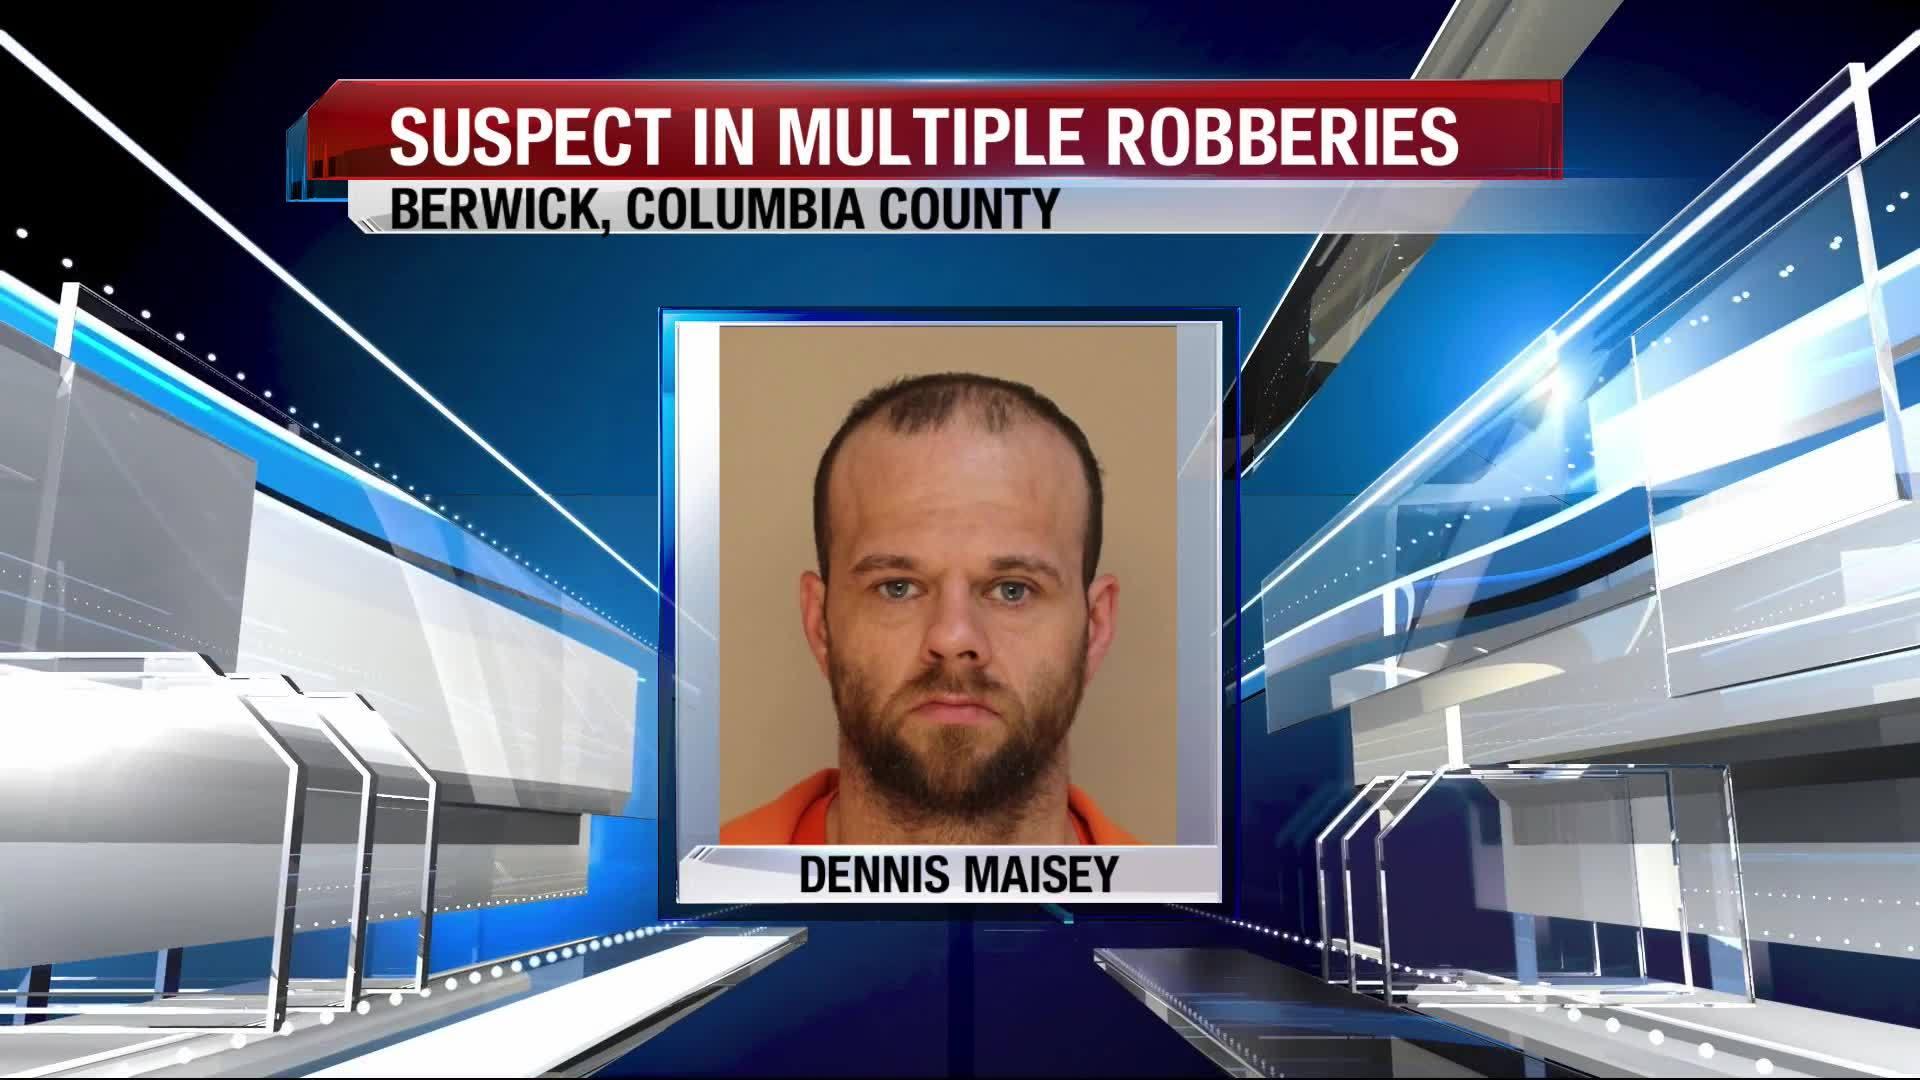 Dennis_Maisey_Arrest_7_20190125171355